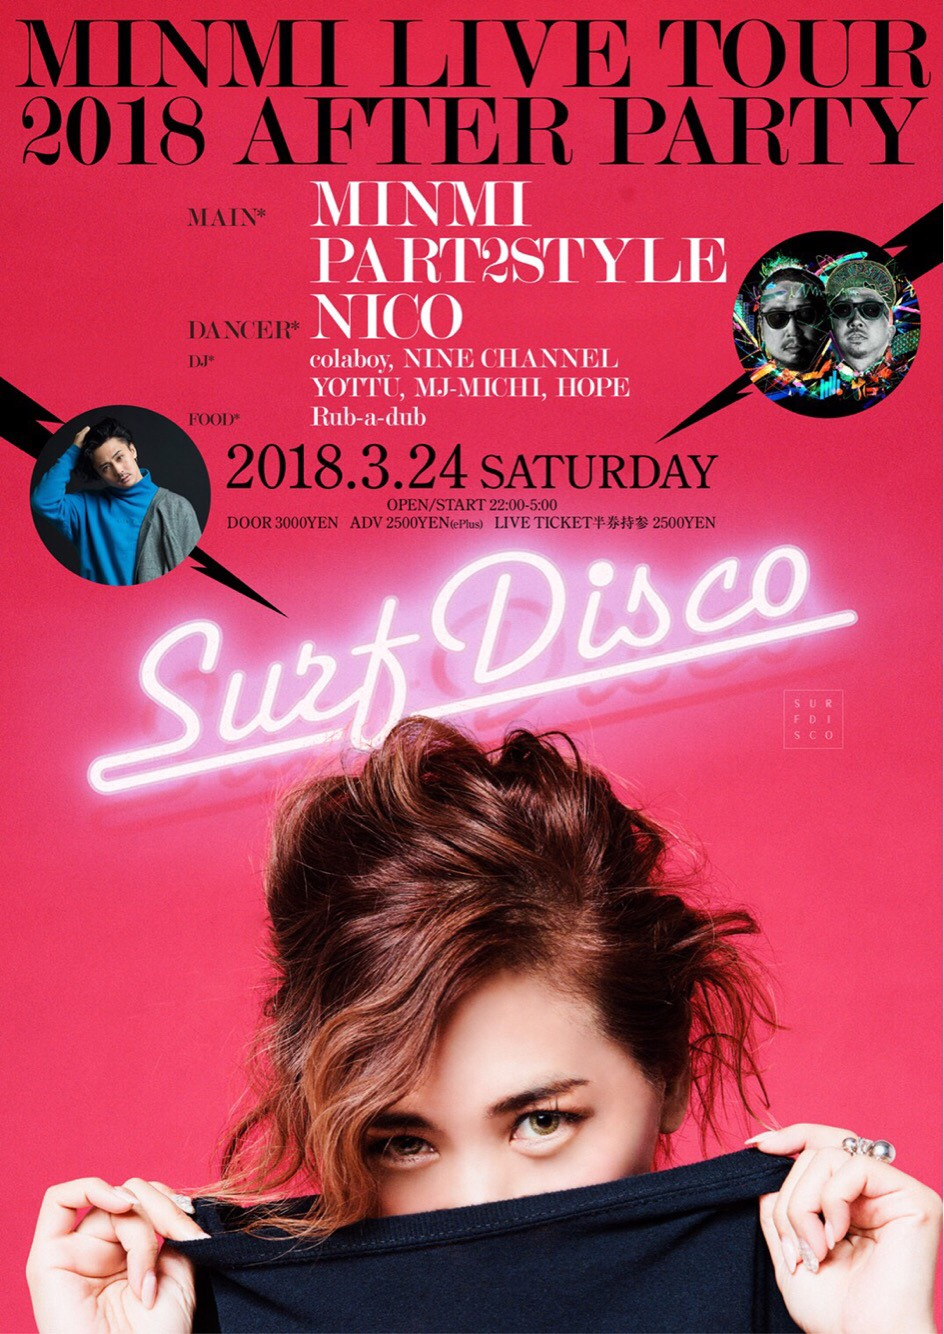 MINMI ライブツアー 2018 京都アフターパーティー